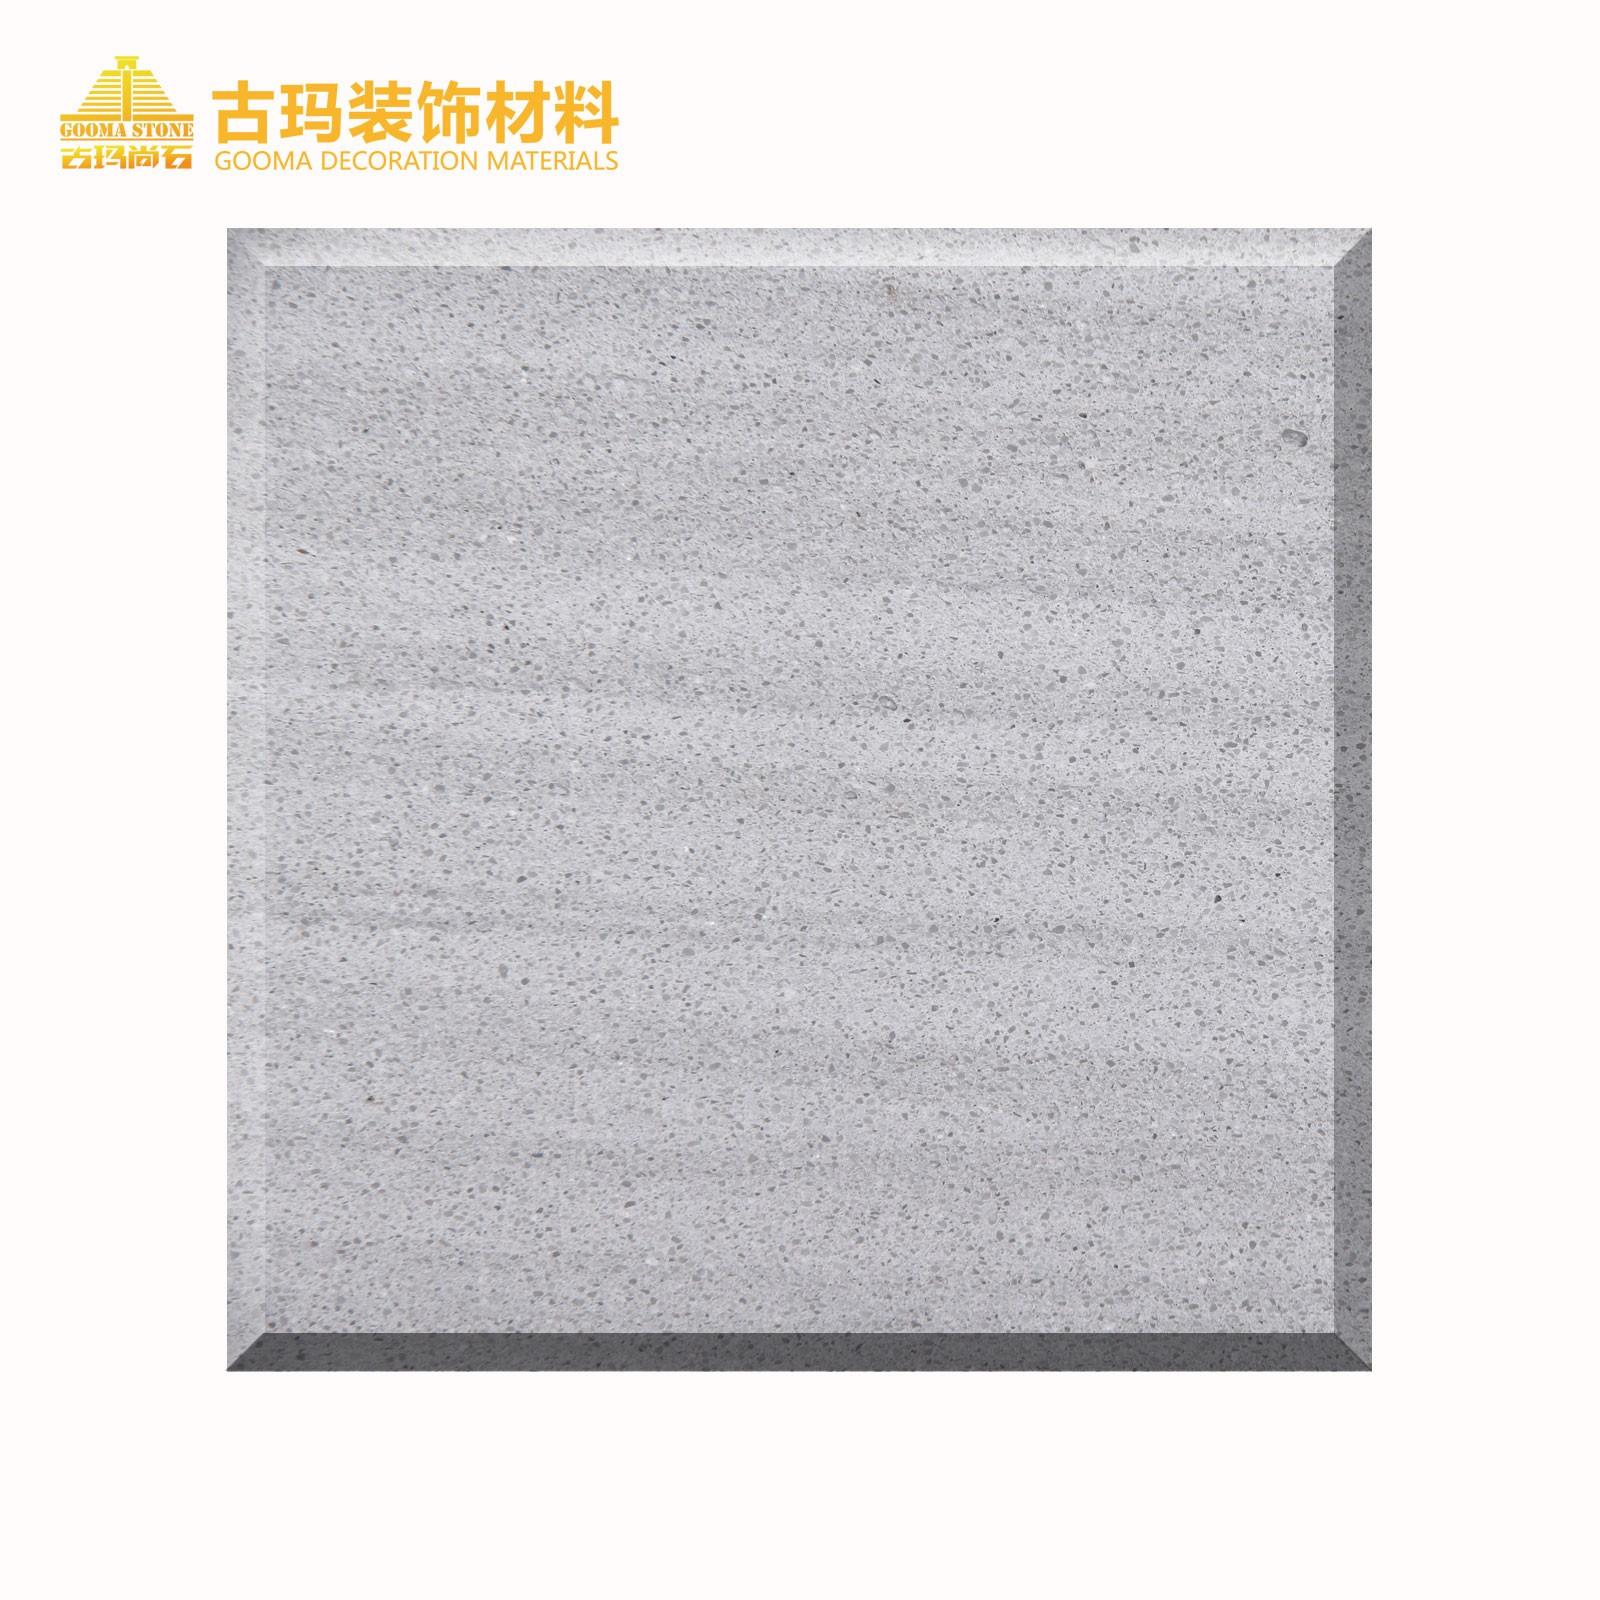 大理石厂家_其他石材石料生产厂家-广州市古玛装饰材料有限公司